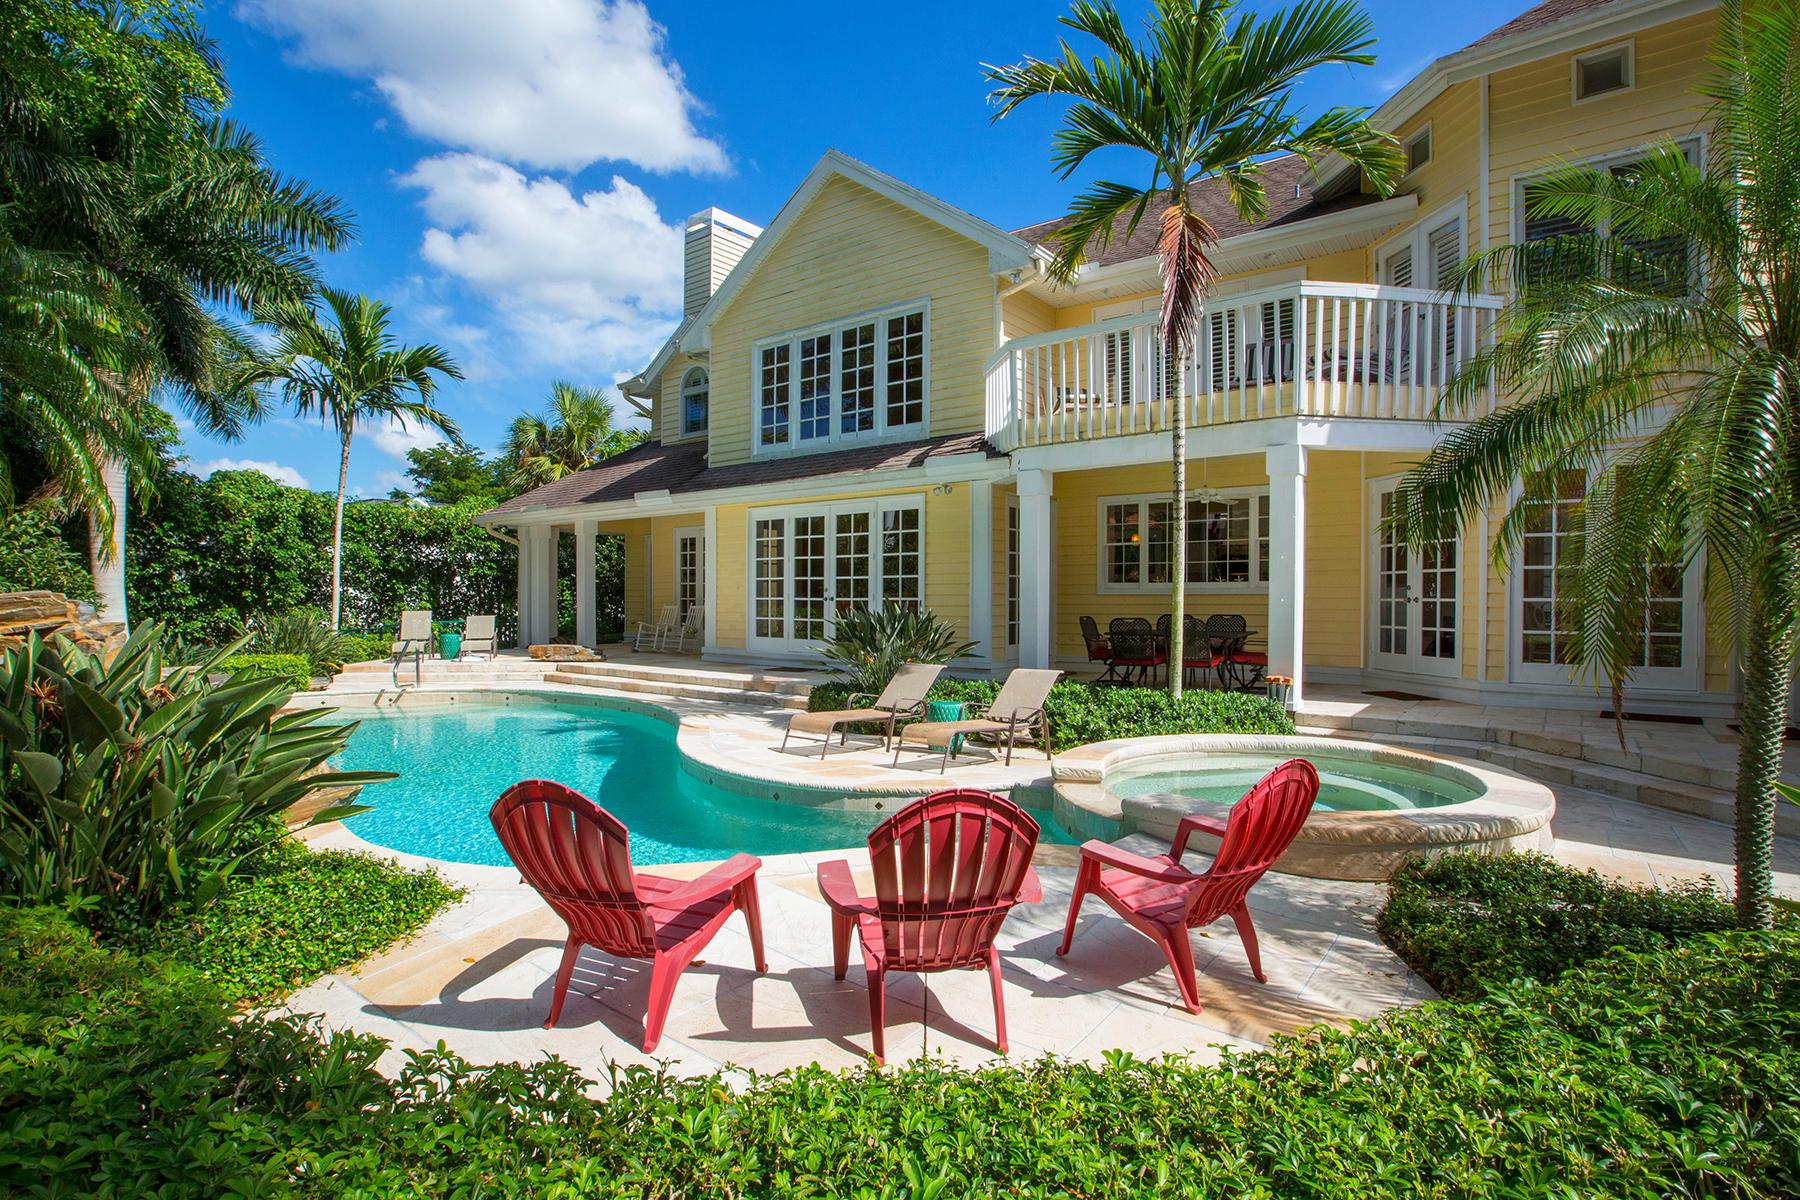 独户住宅 为 销售 在 PORT ROYAL 2750 Treasure Ln Port Royal, 那不勒斯, 佛罗里达州, 34102 美国